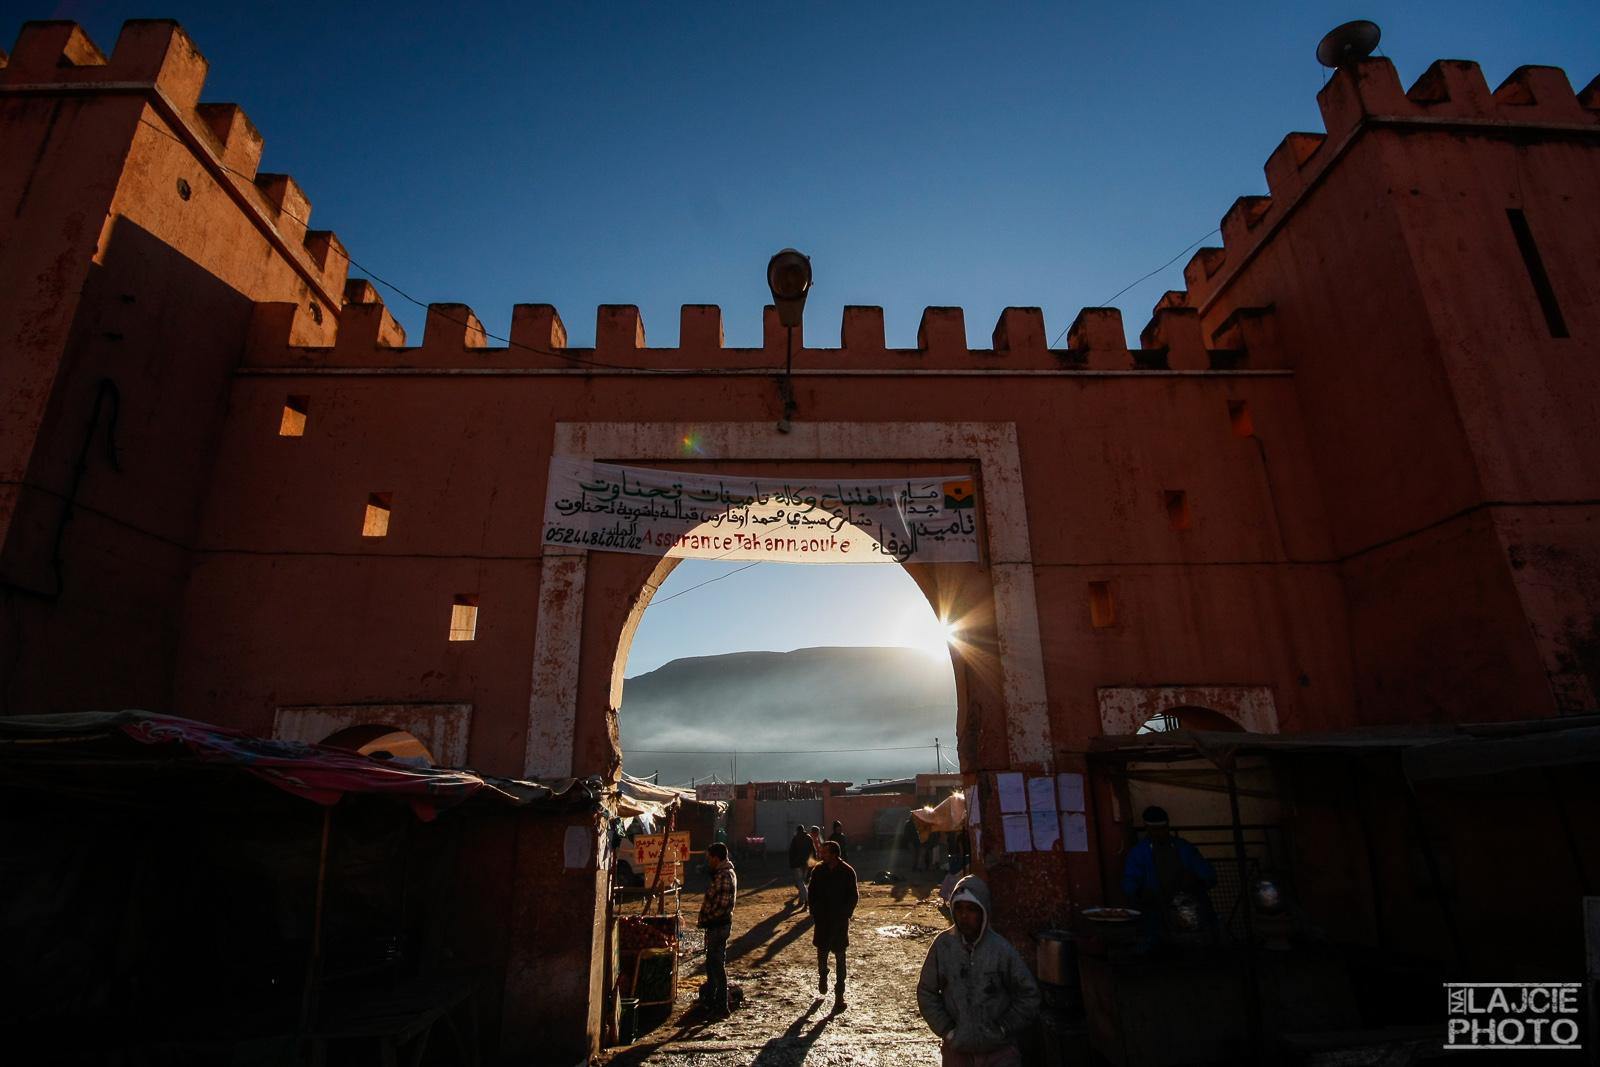 Poranek - rynek w Asni